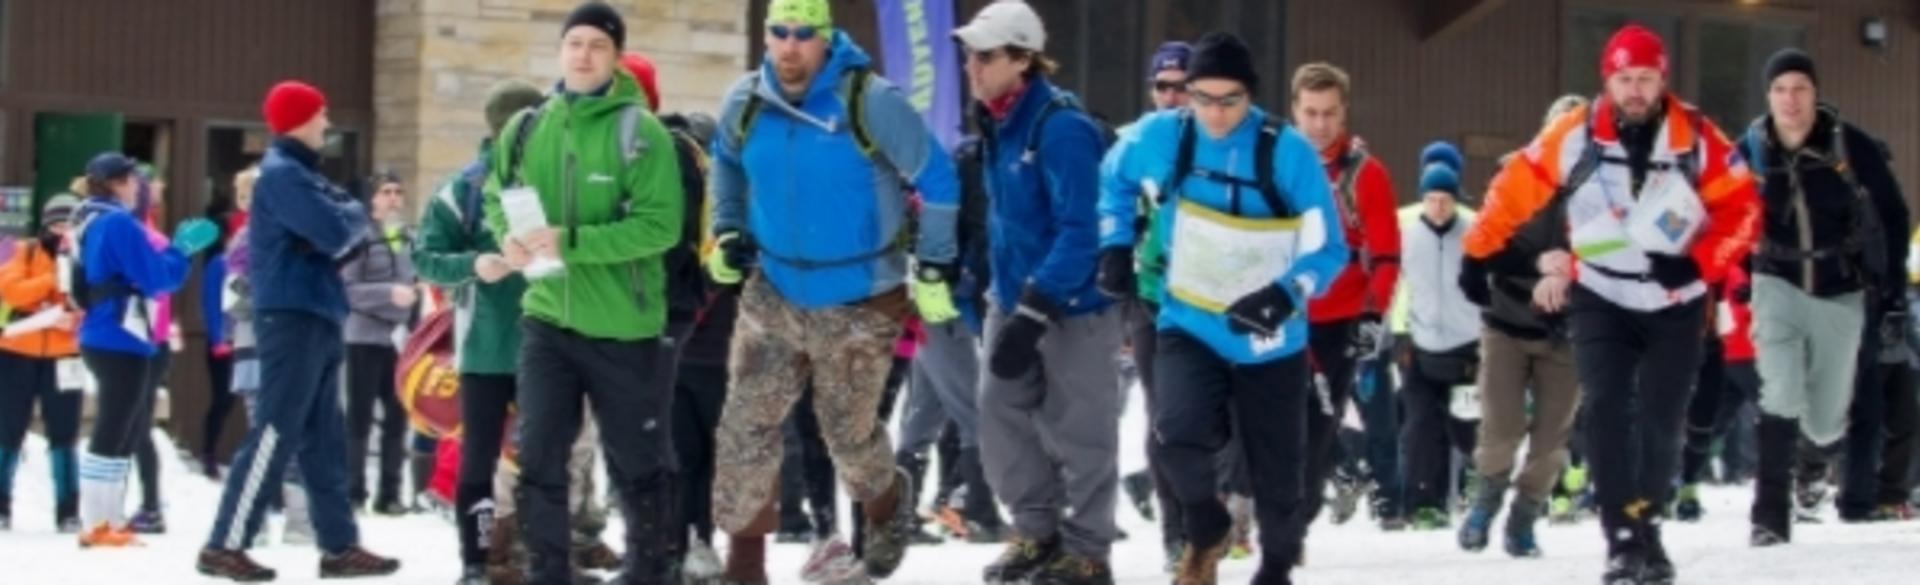 Winter Adventure Race 4